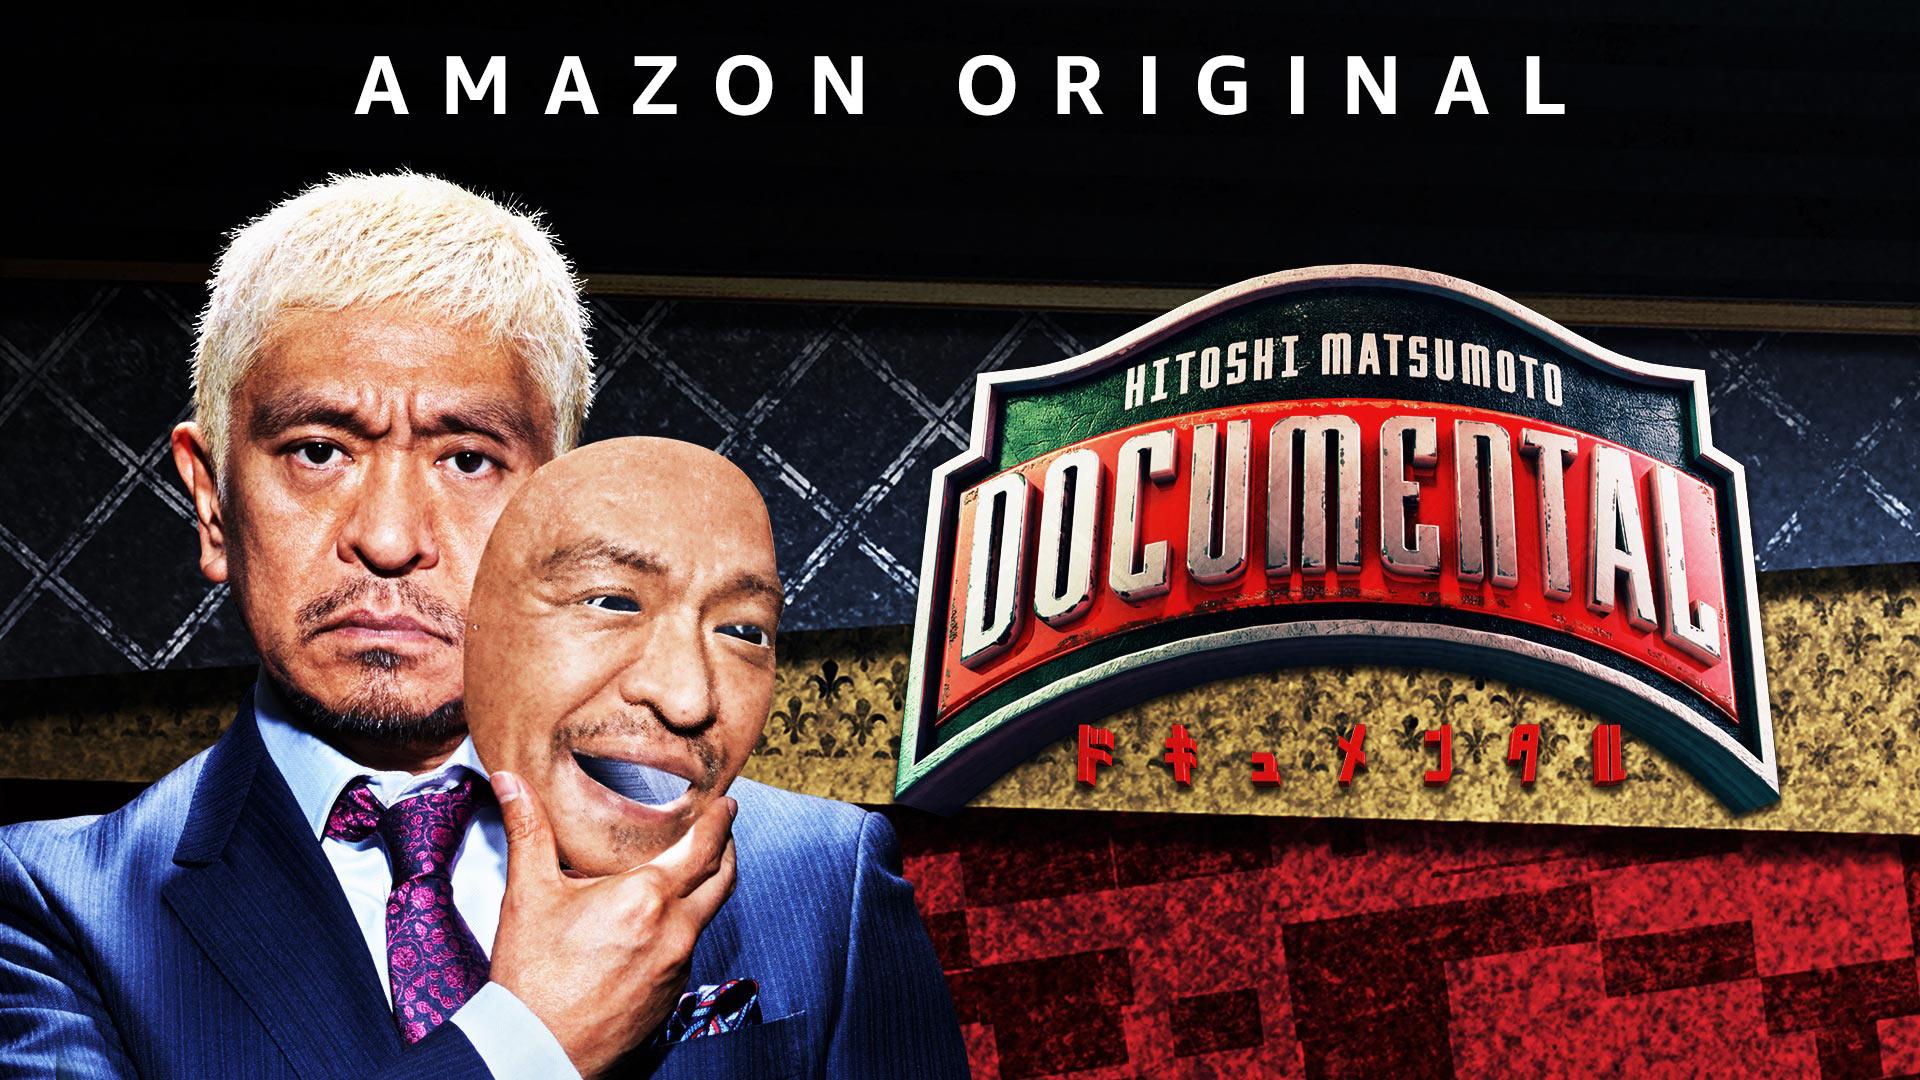 HITOSHI MATSUMOTO Presents Documental - Season 1